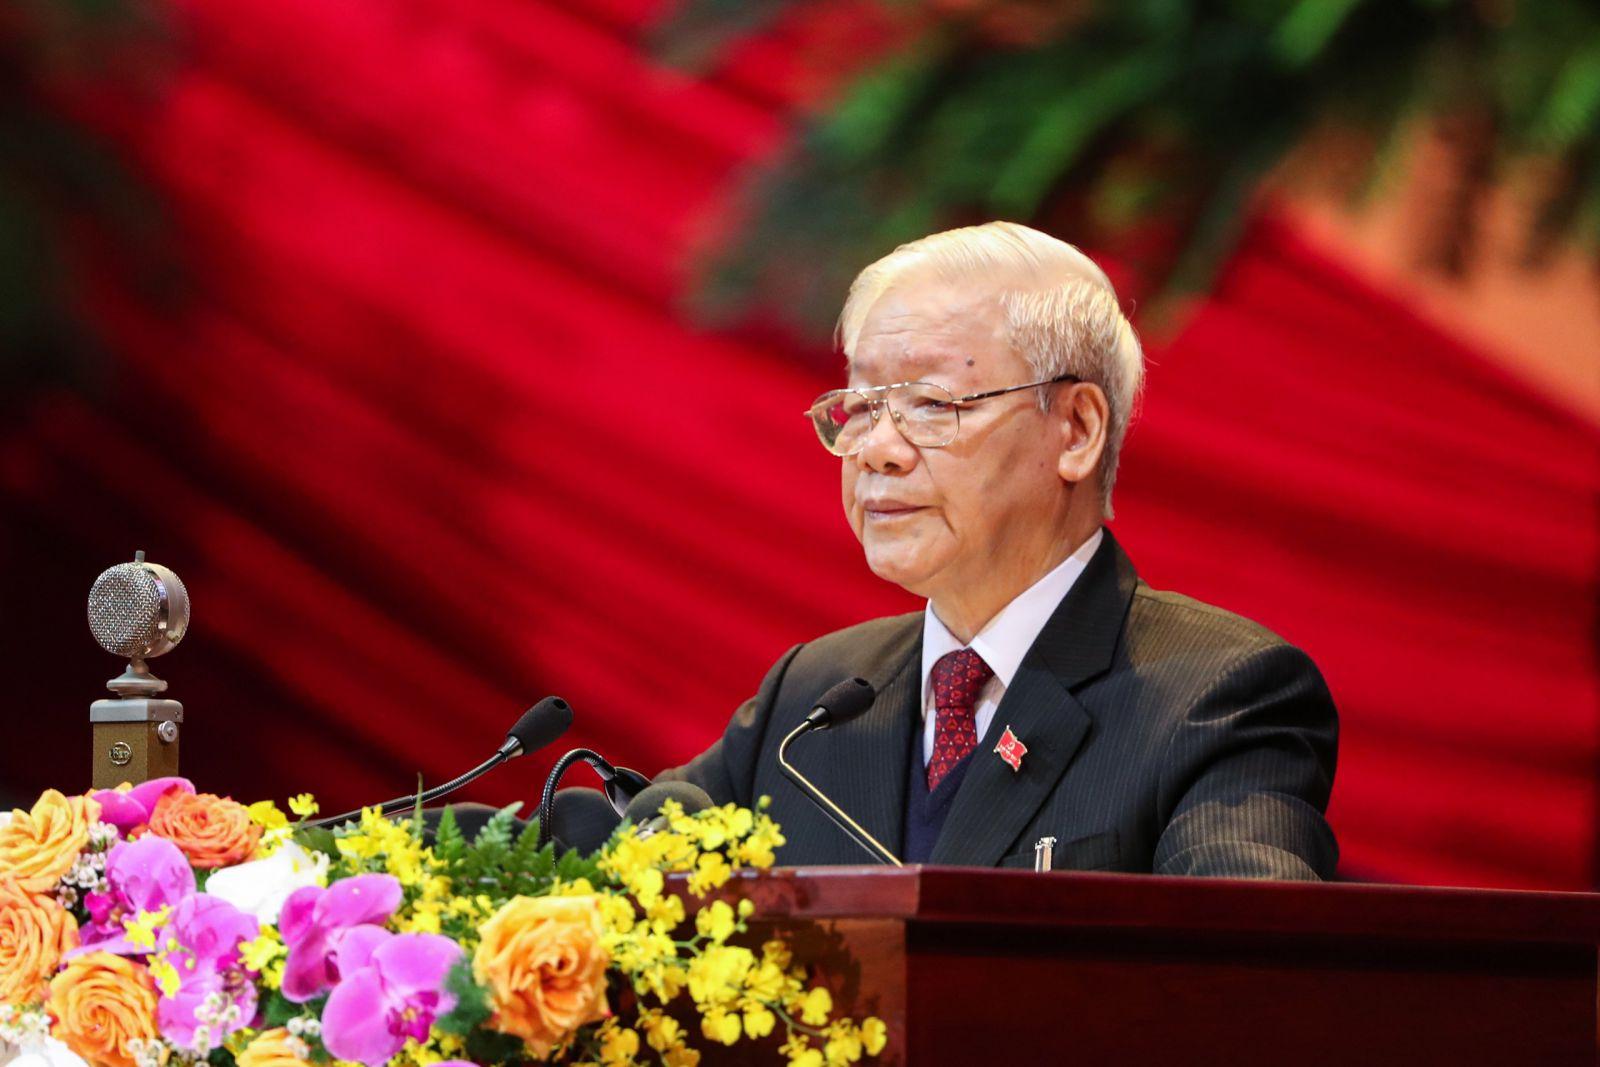 Tổng Bí thư, Chủ tịch nước Nguyễn Phú Trọng: Đẩy mạnh toàn diện, đồng bộ công cuộc đổi mới